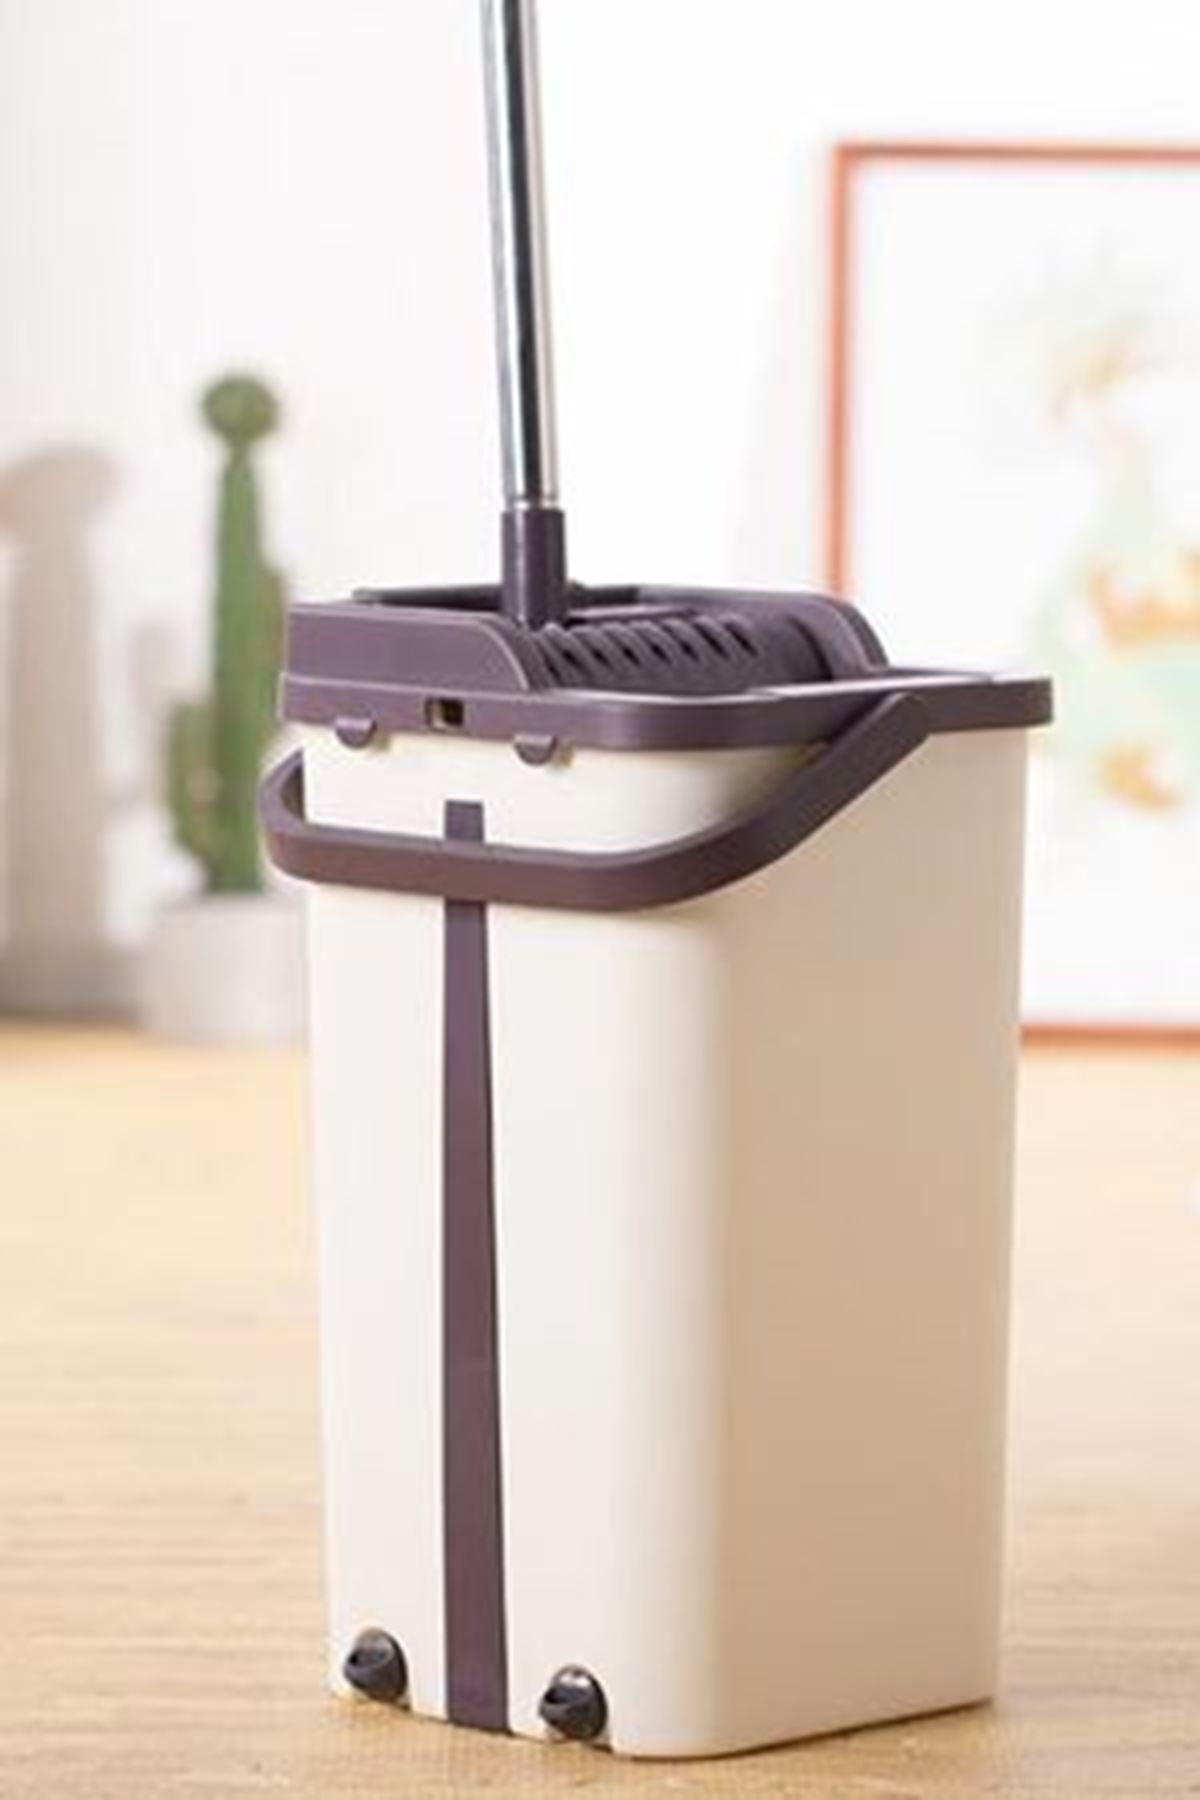 Tablet Mop Temizlik Seti Spin Mop 6+6 Lt Ve Mop Temizleme Aparatı Hediyeli